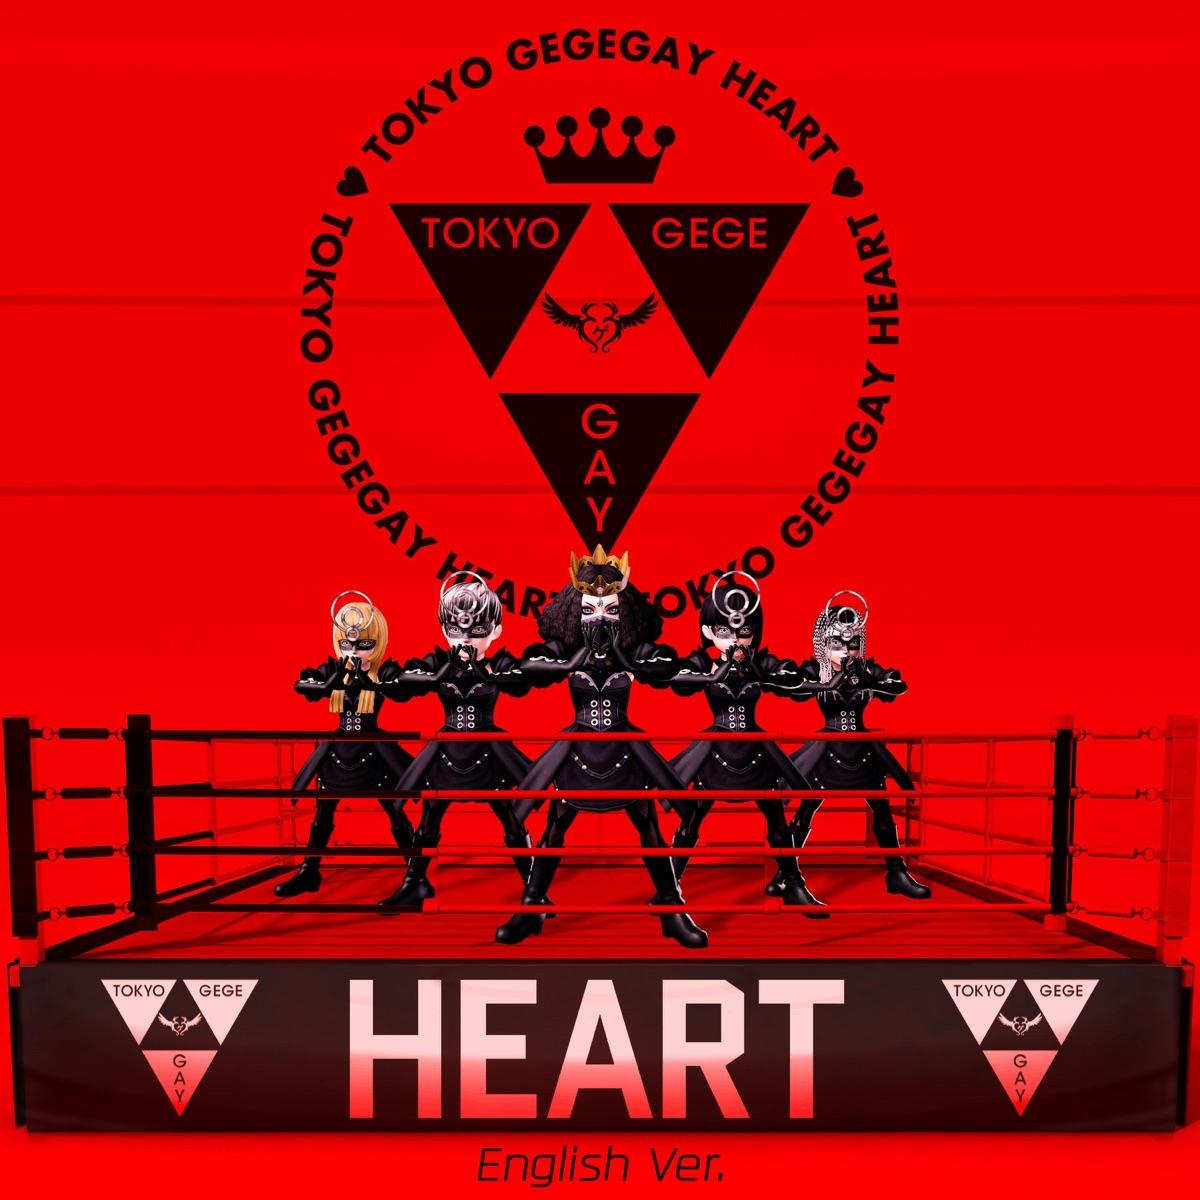 『東京ゲゲゲイ - HEART (English Ver.)』収録の『HEART (English Ver.)』ジャケット